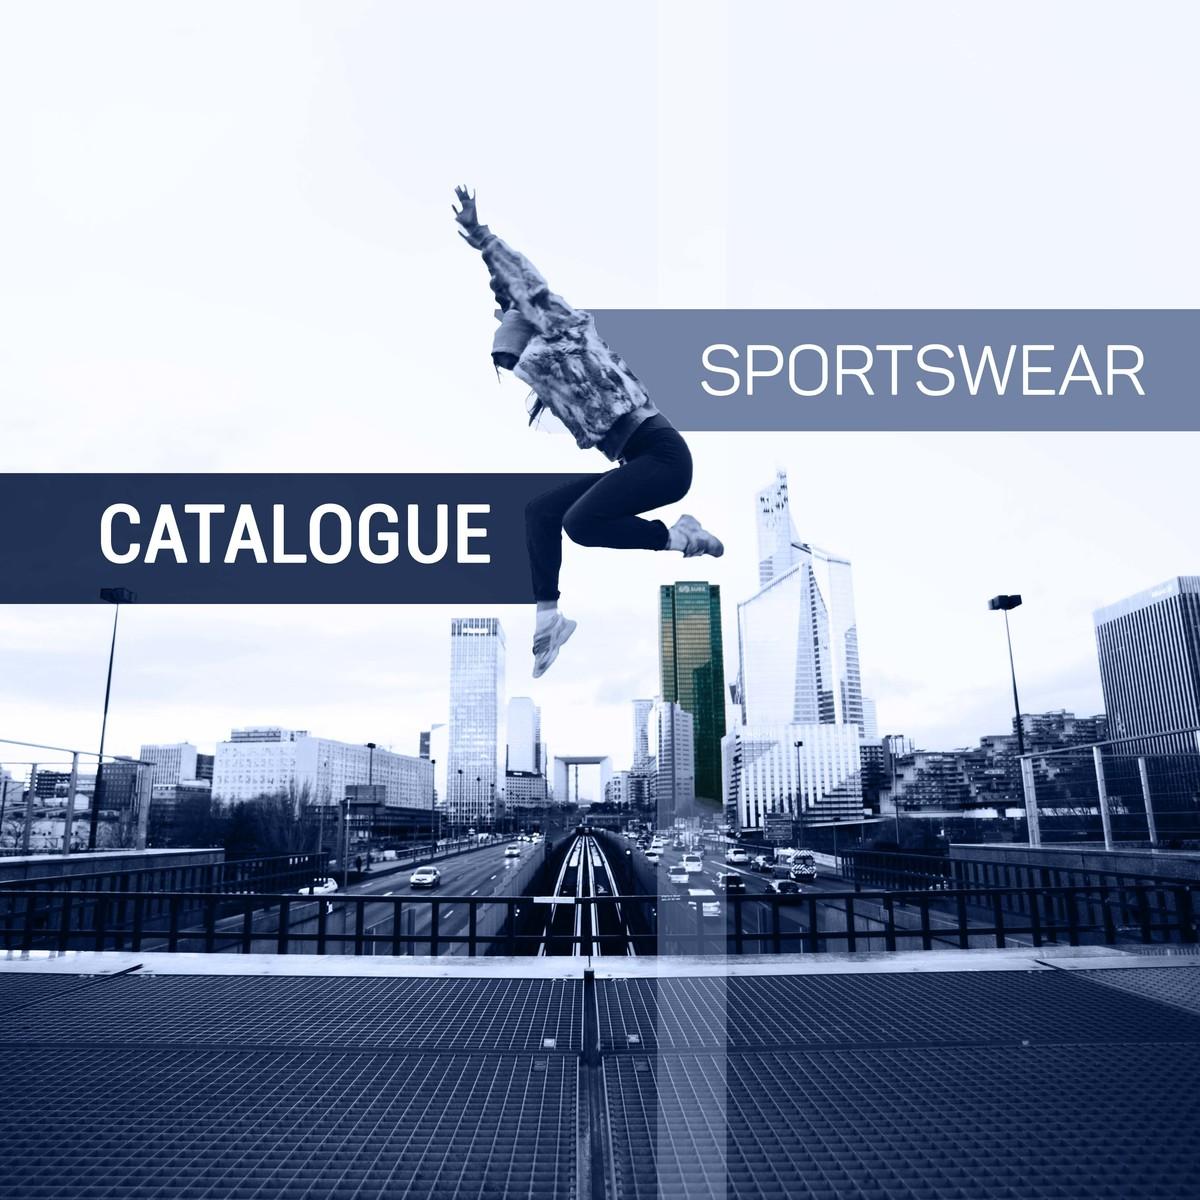 Image_catalogue-sportswear-pre_sentation-1--0-0--77abffff-f523-470e-82d6-6539d1d84409